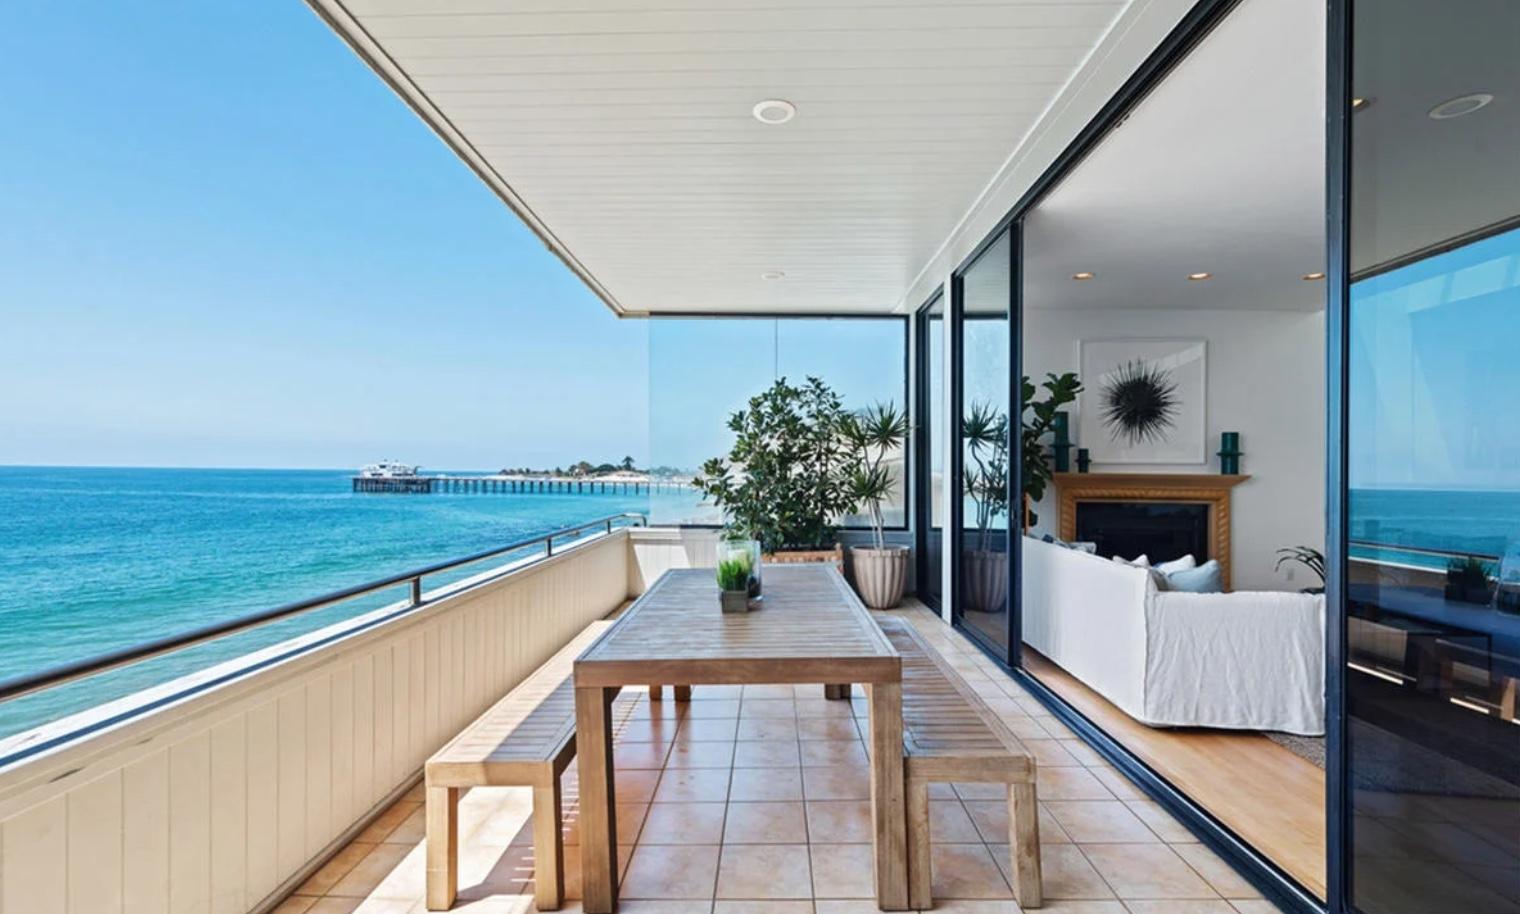 Vess egy pillantást Gal Gadot 5 millió dolláros malibui házára